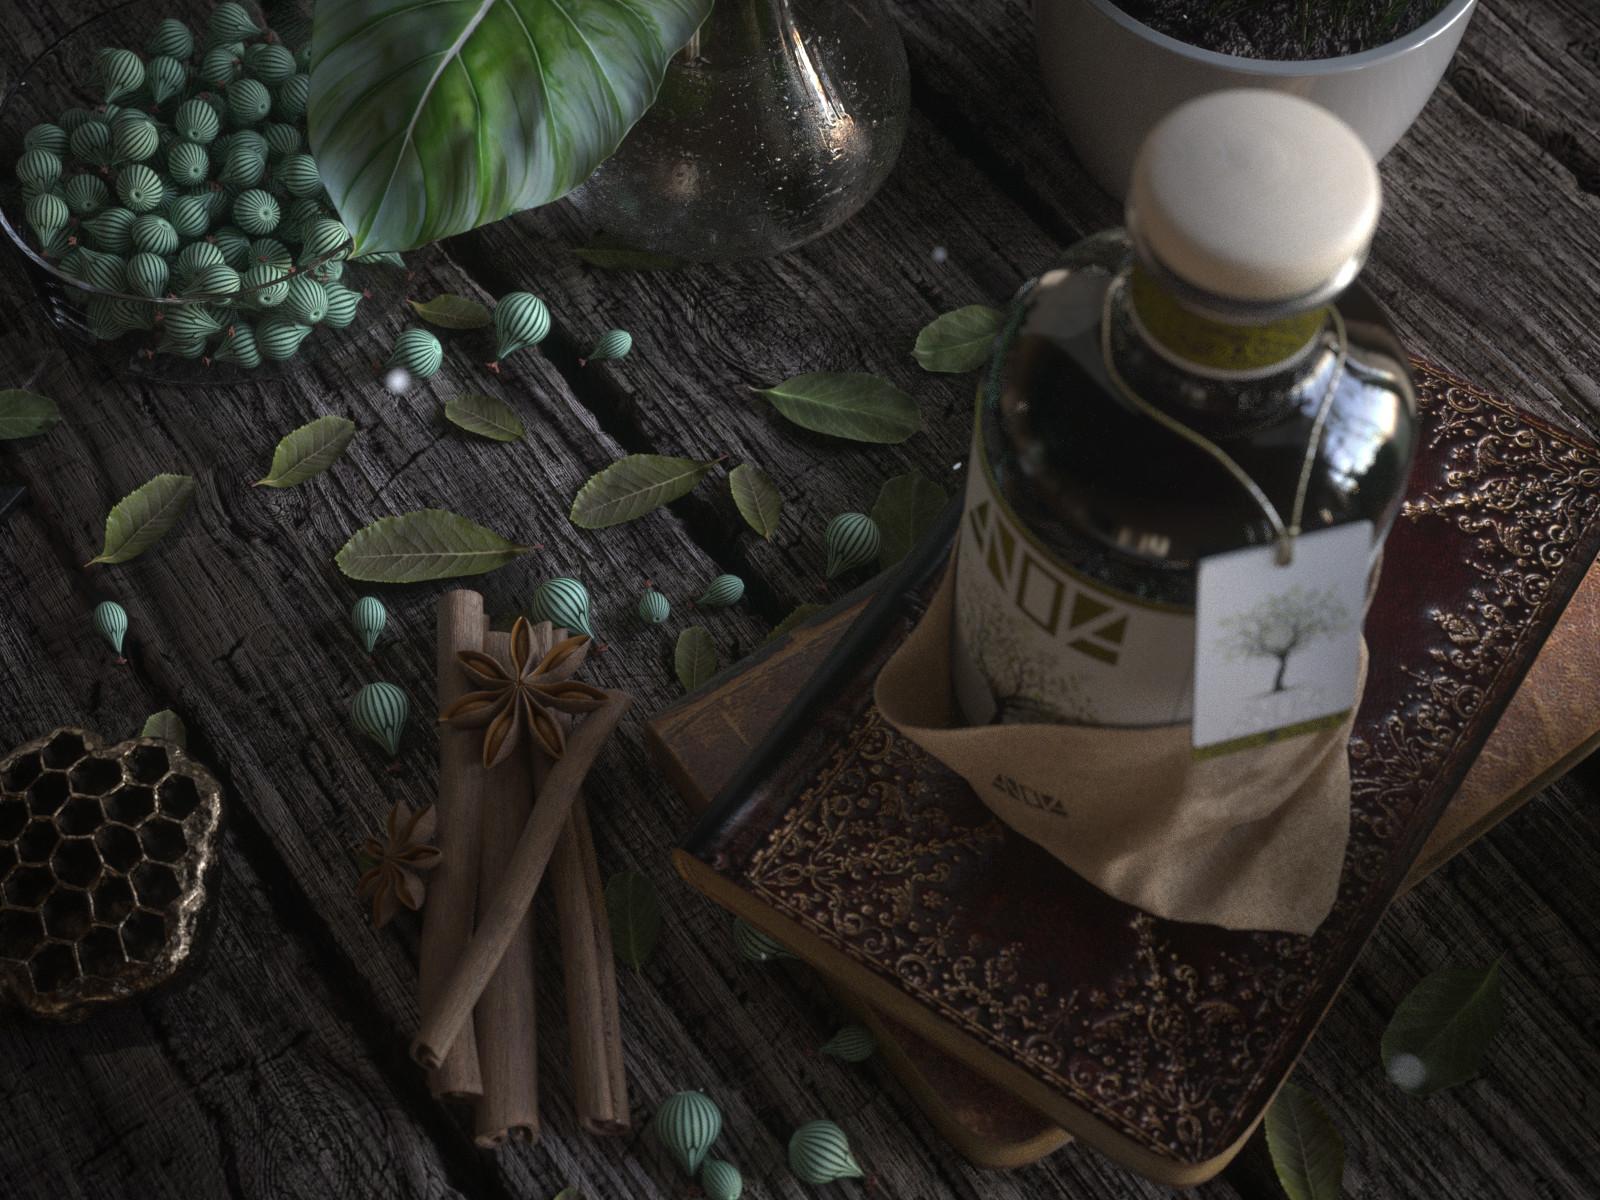 Anova Olive Oil - Still Life